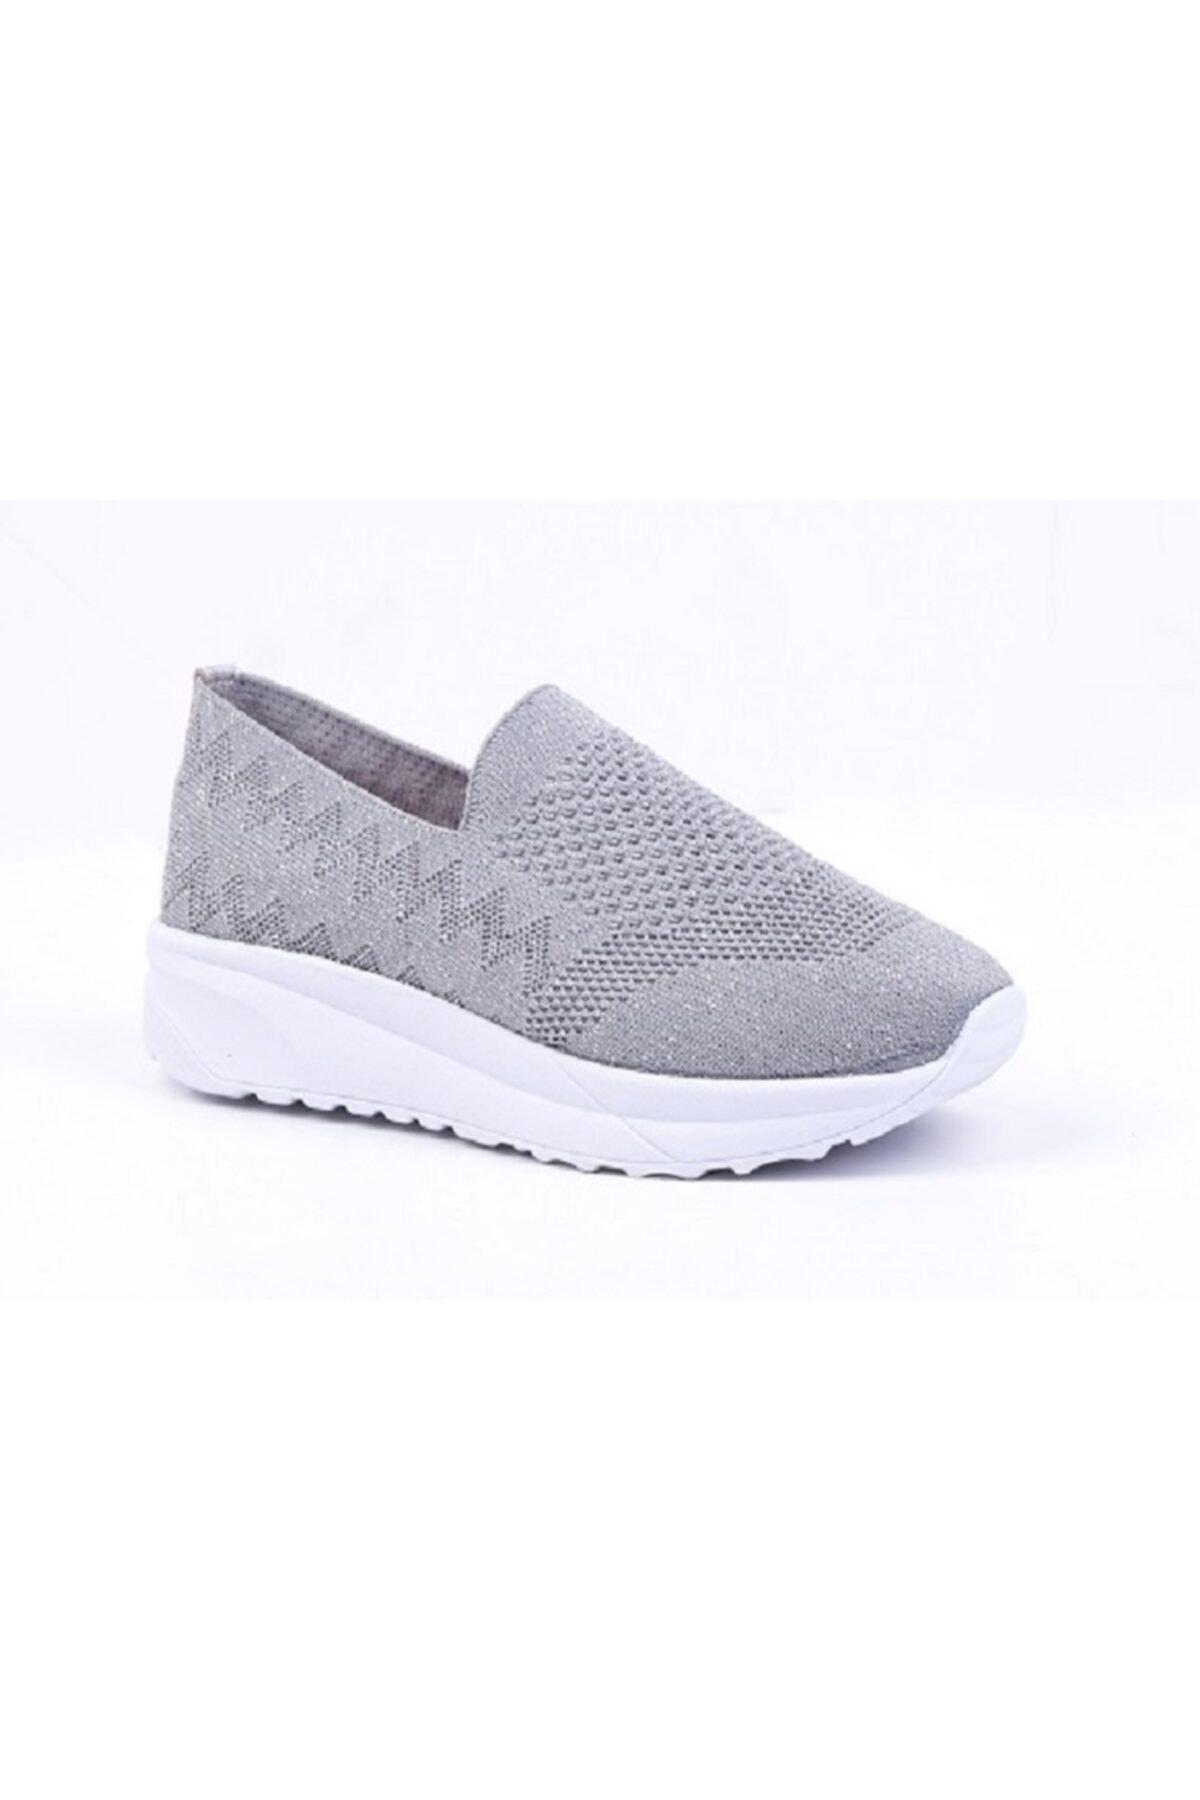 DR SOFT Kadın Gri Konfor ve Yürüyüş Ayakkabısı 1